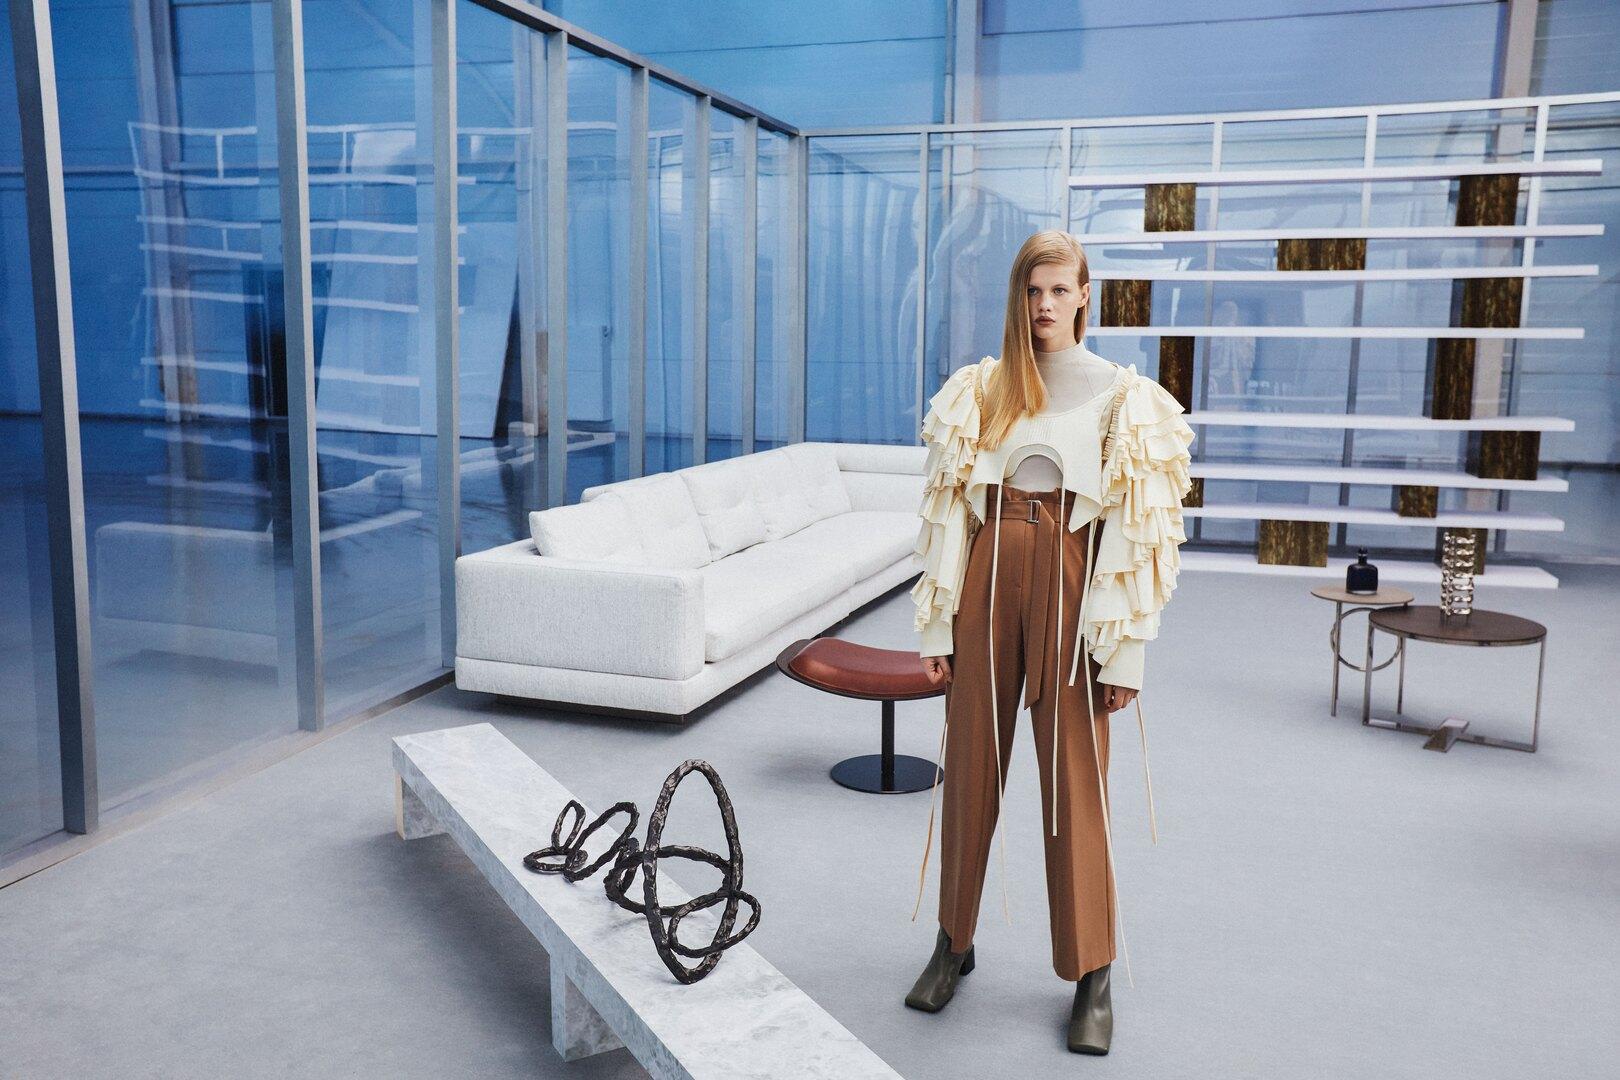 На Соне: топ Кирьякова Татьяна (Британская высшая школа дизайна), брюки Ame store